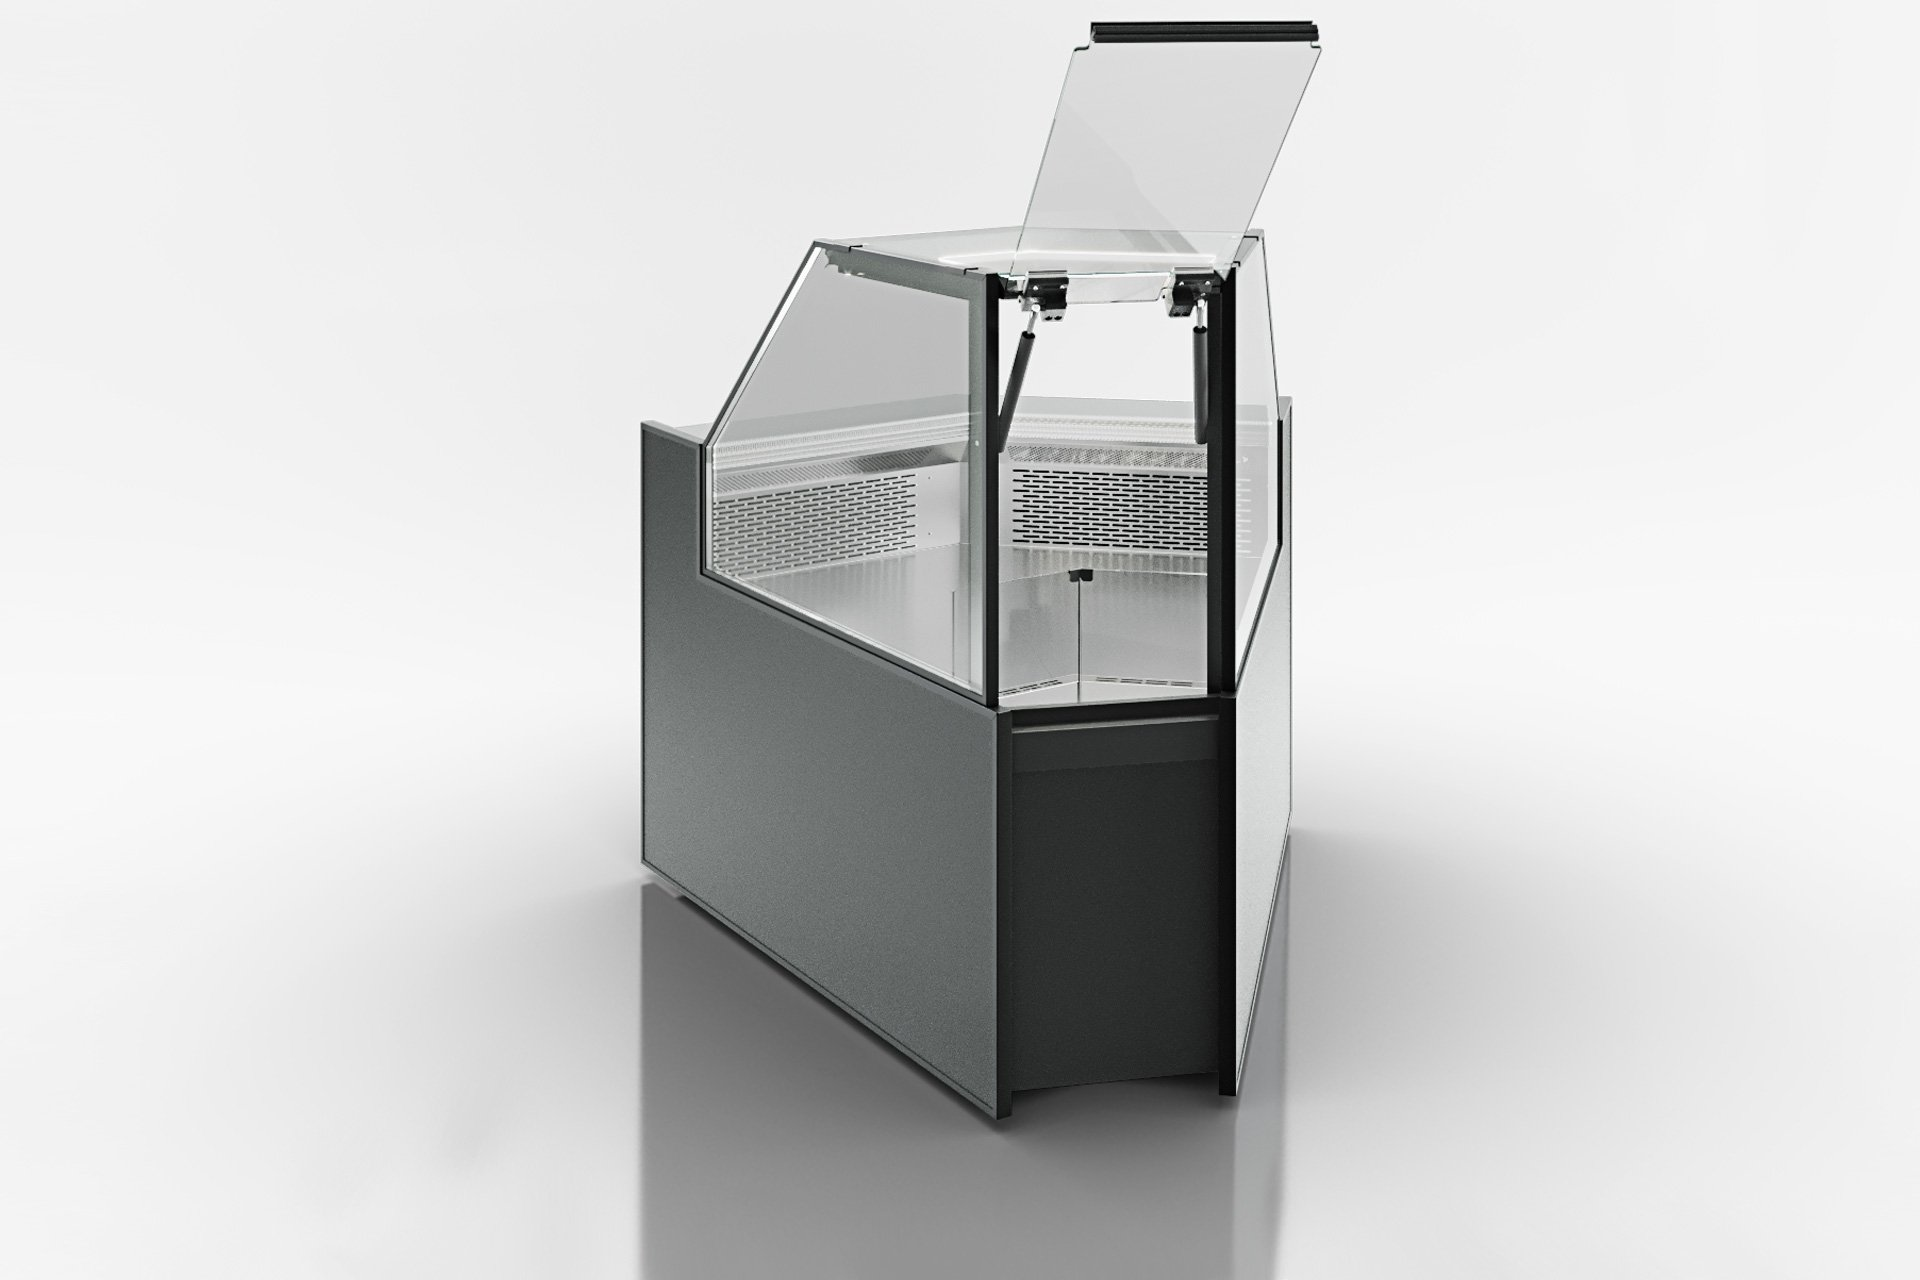 Eckelemente der Kühlfenstern Missouri MC 120 deli PS 130-DLM-IS45